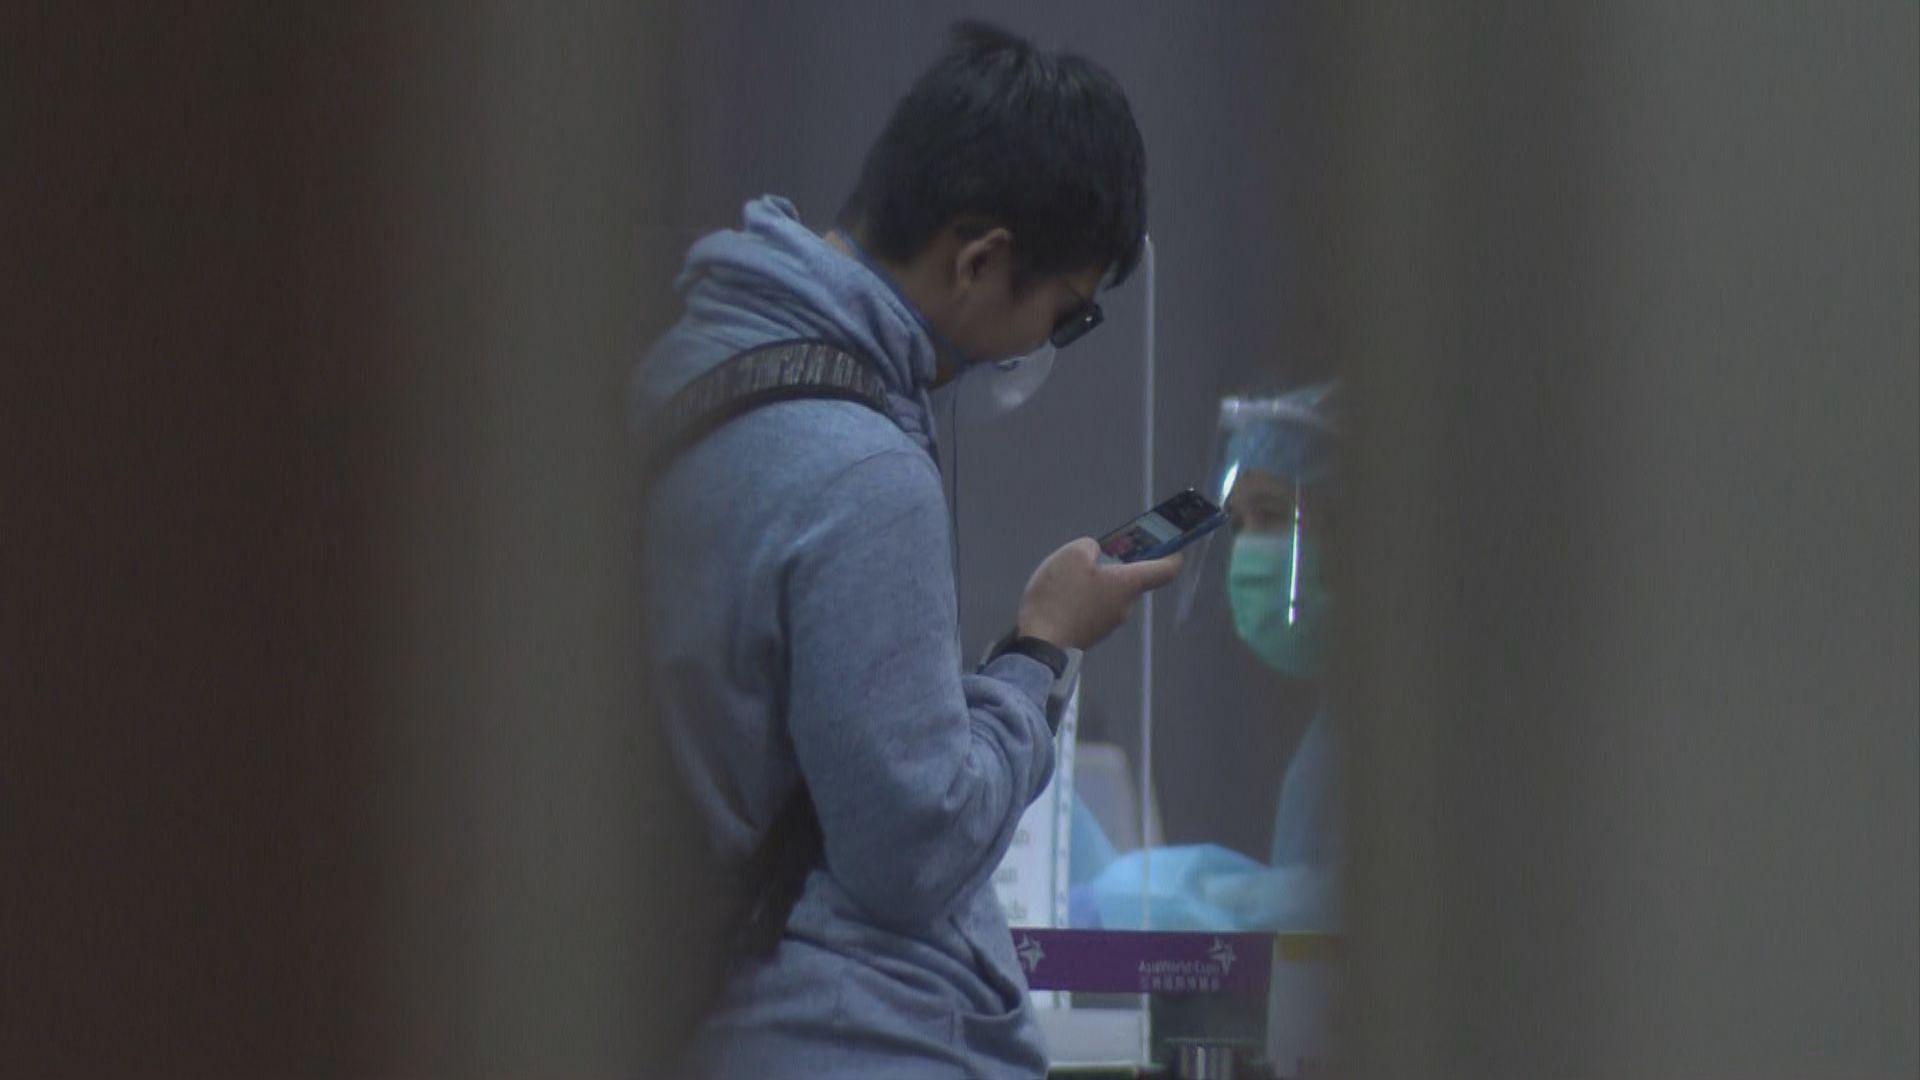 滯留秘魯港人病毒檢測呈陰性後 方可回家檢疫兩周